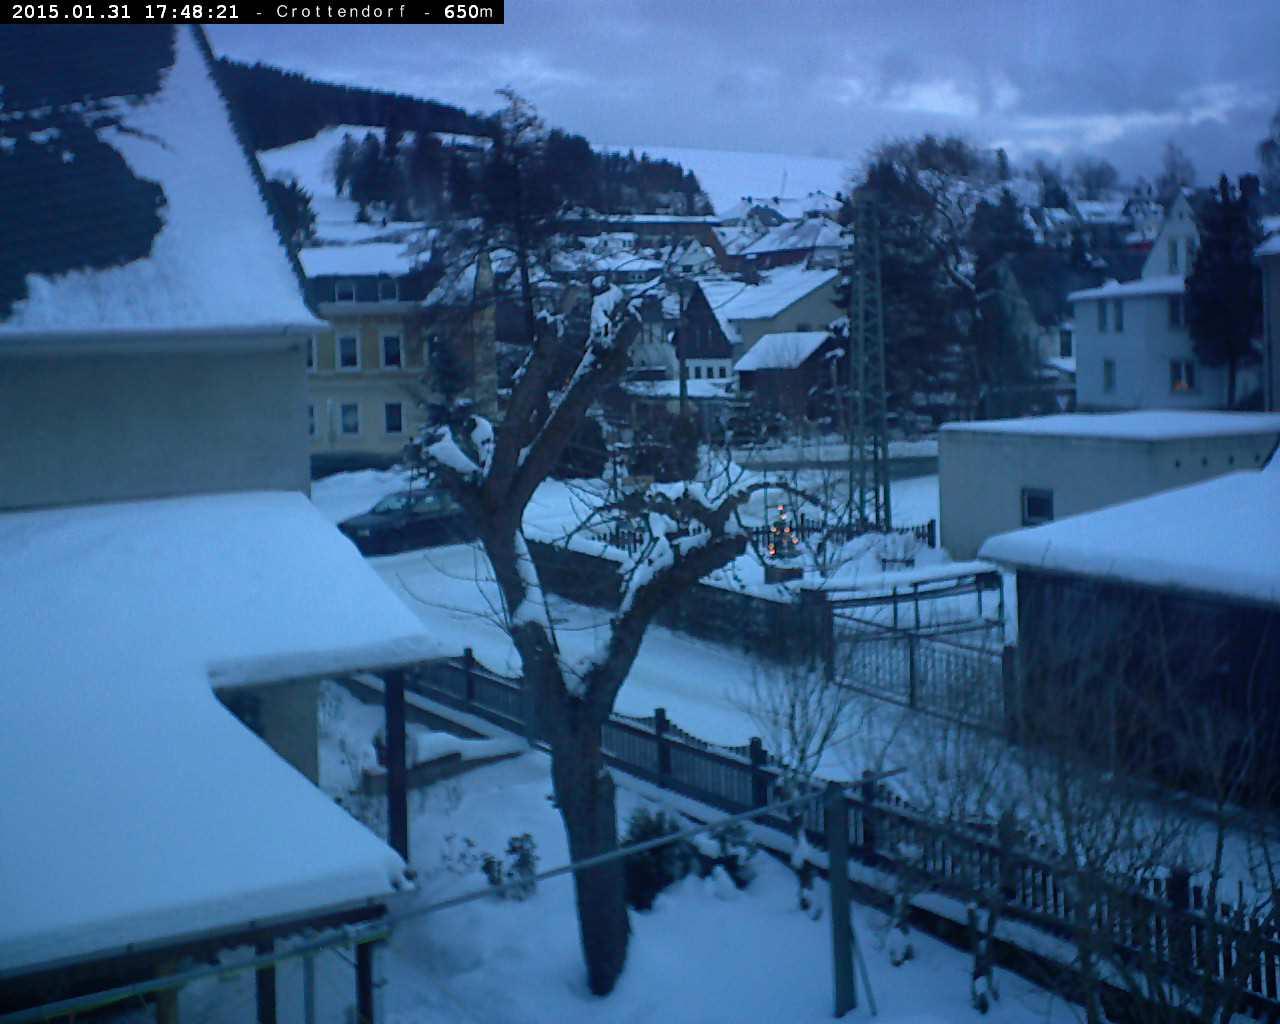 Webcam Skigebiet Crottendorf cam 2 - Erzgebirge